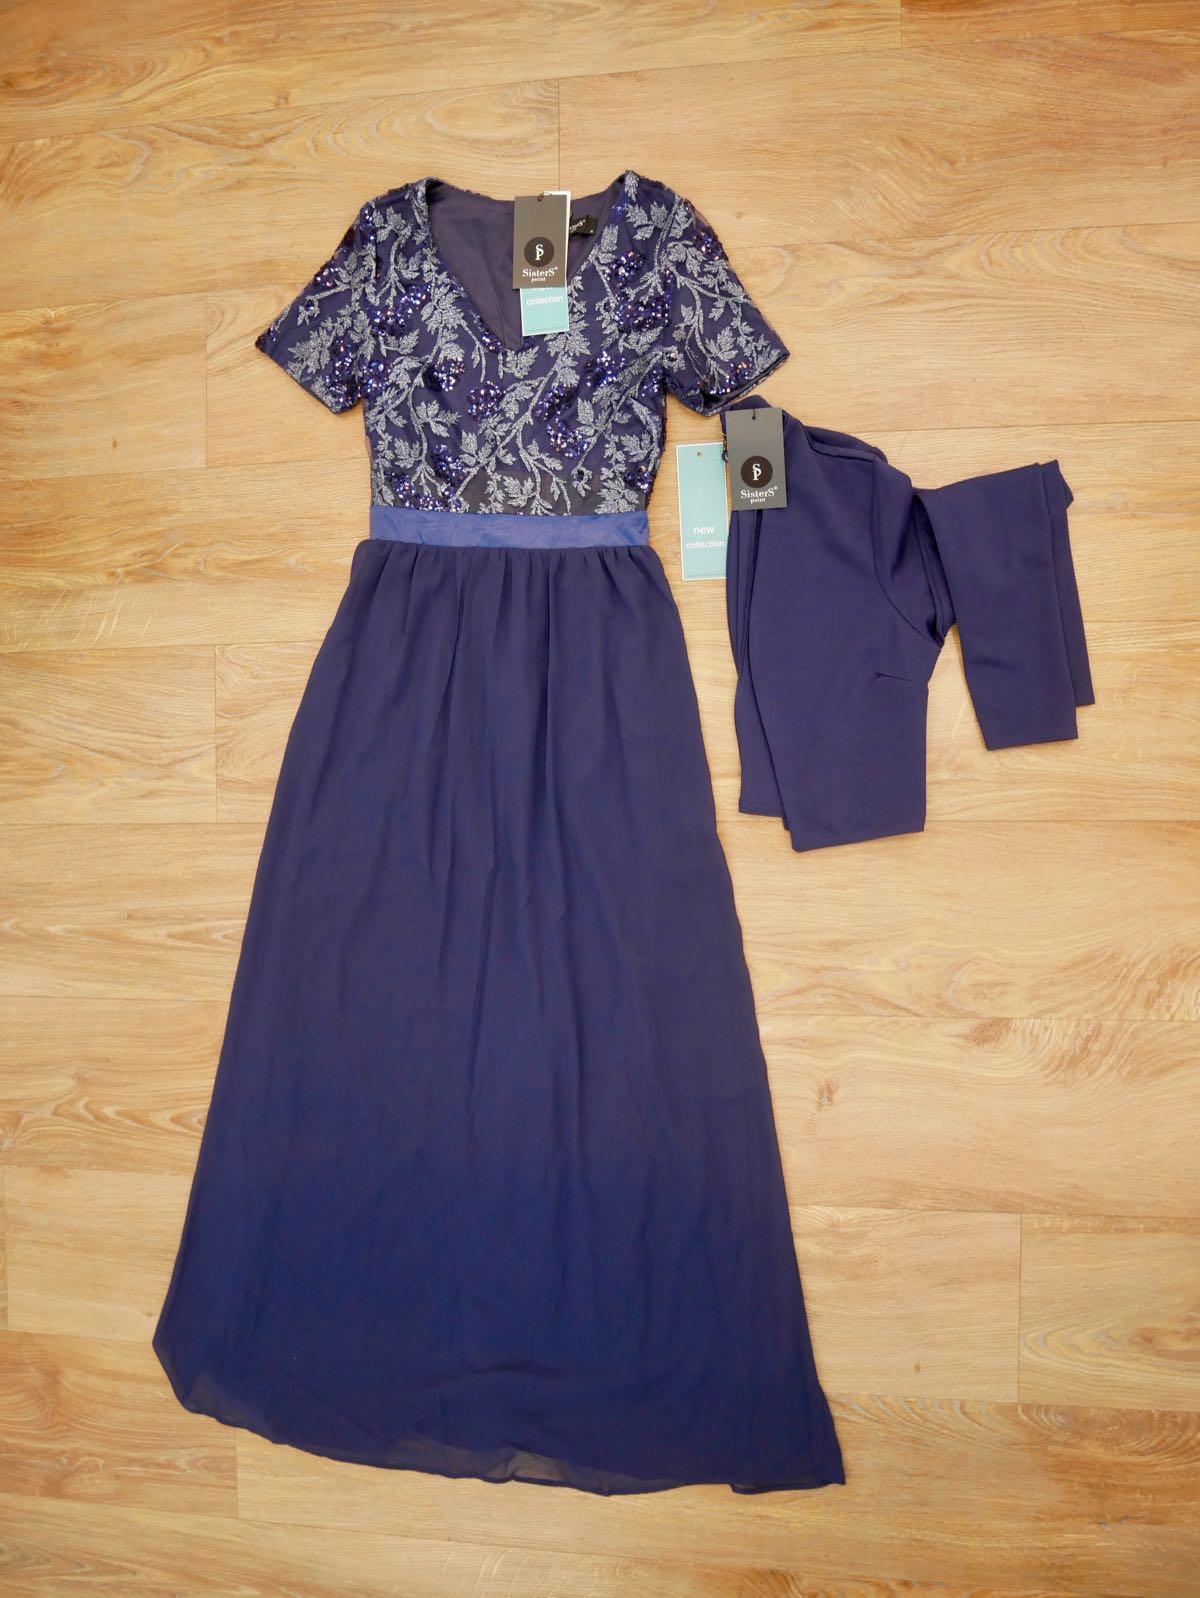 SisterS Point Kleid blau und Bolero